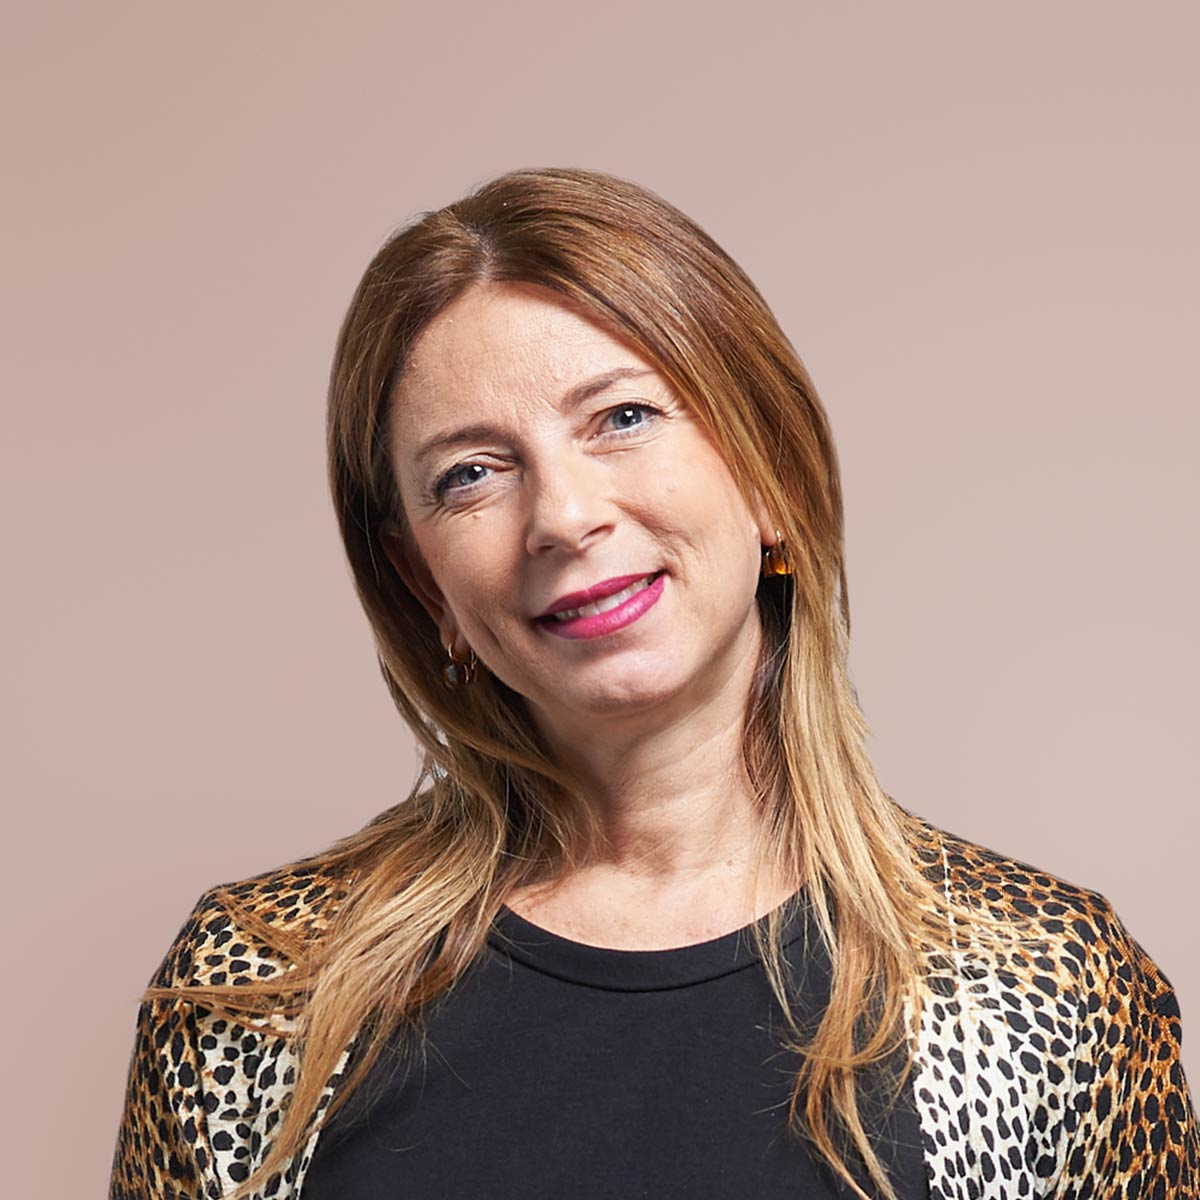 Fabiola Quintavalle